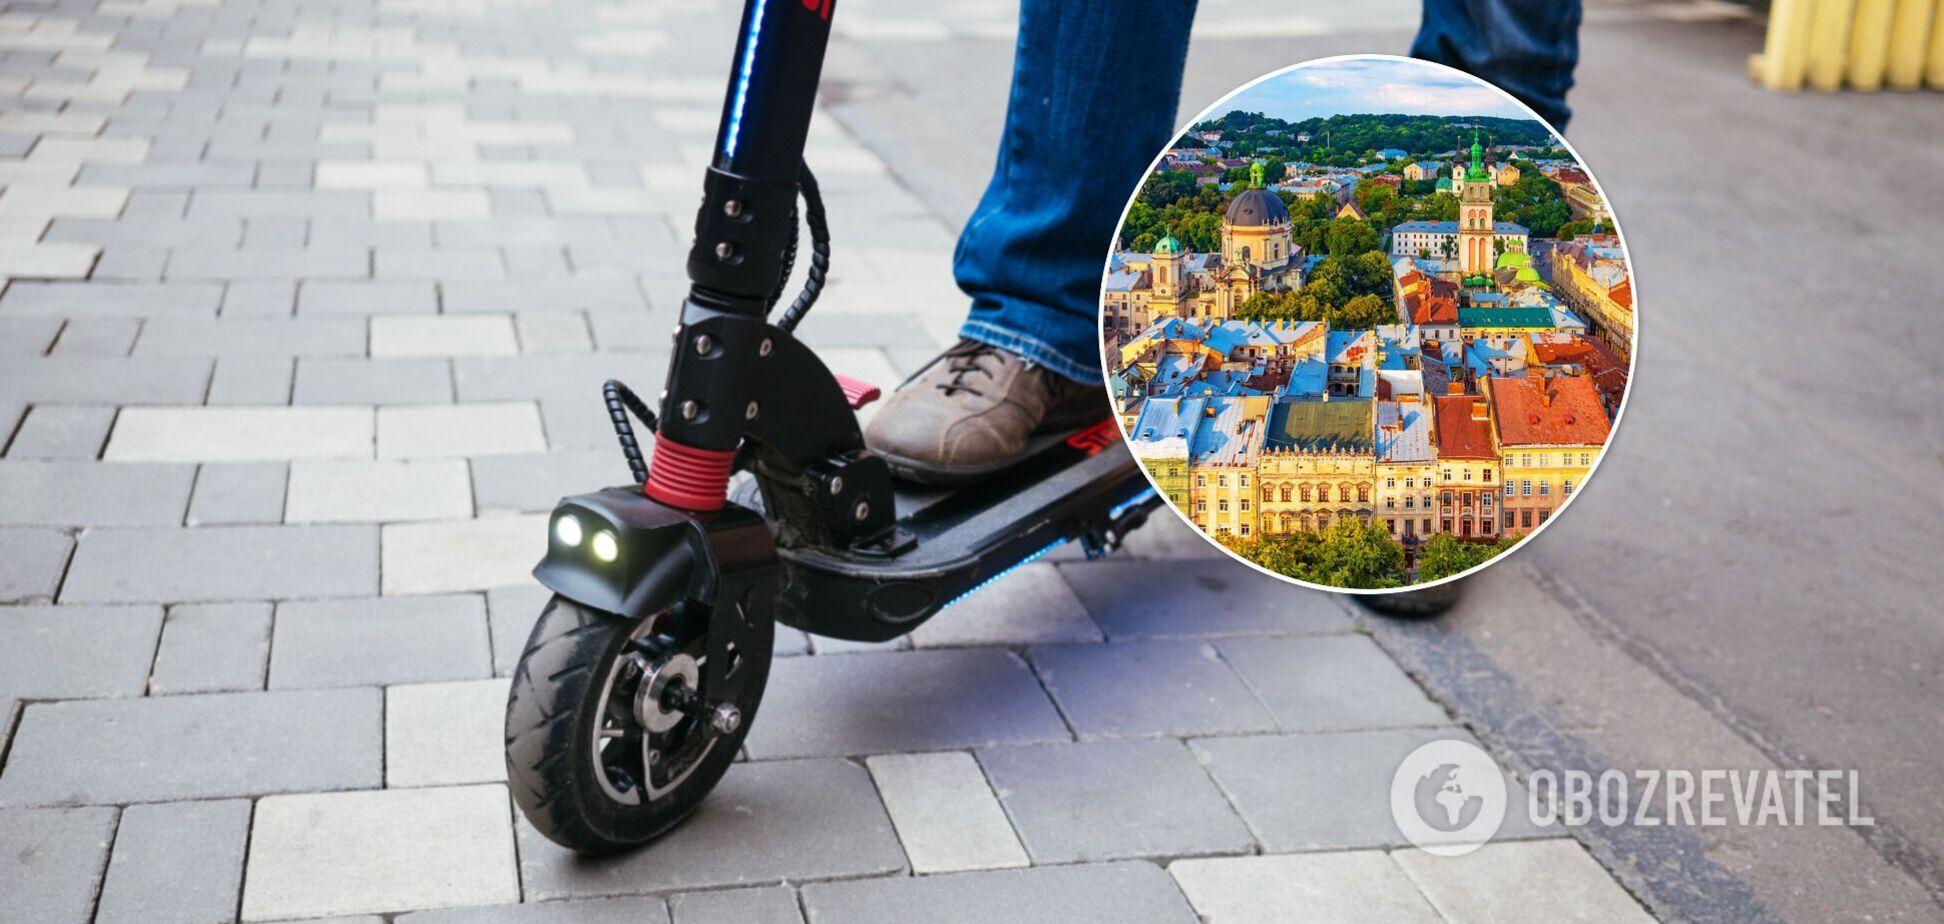 Во Львове суд запретил ездить по тротуарам на электросамокатах, признав их транспортними средствами